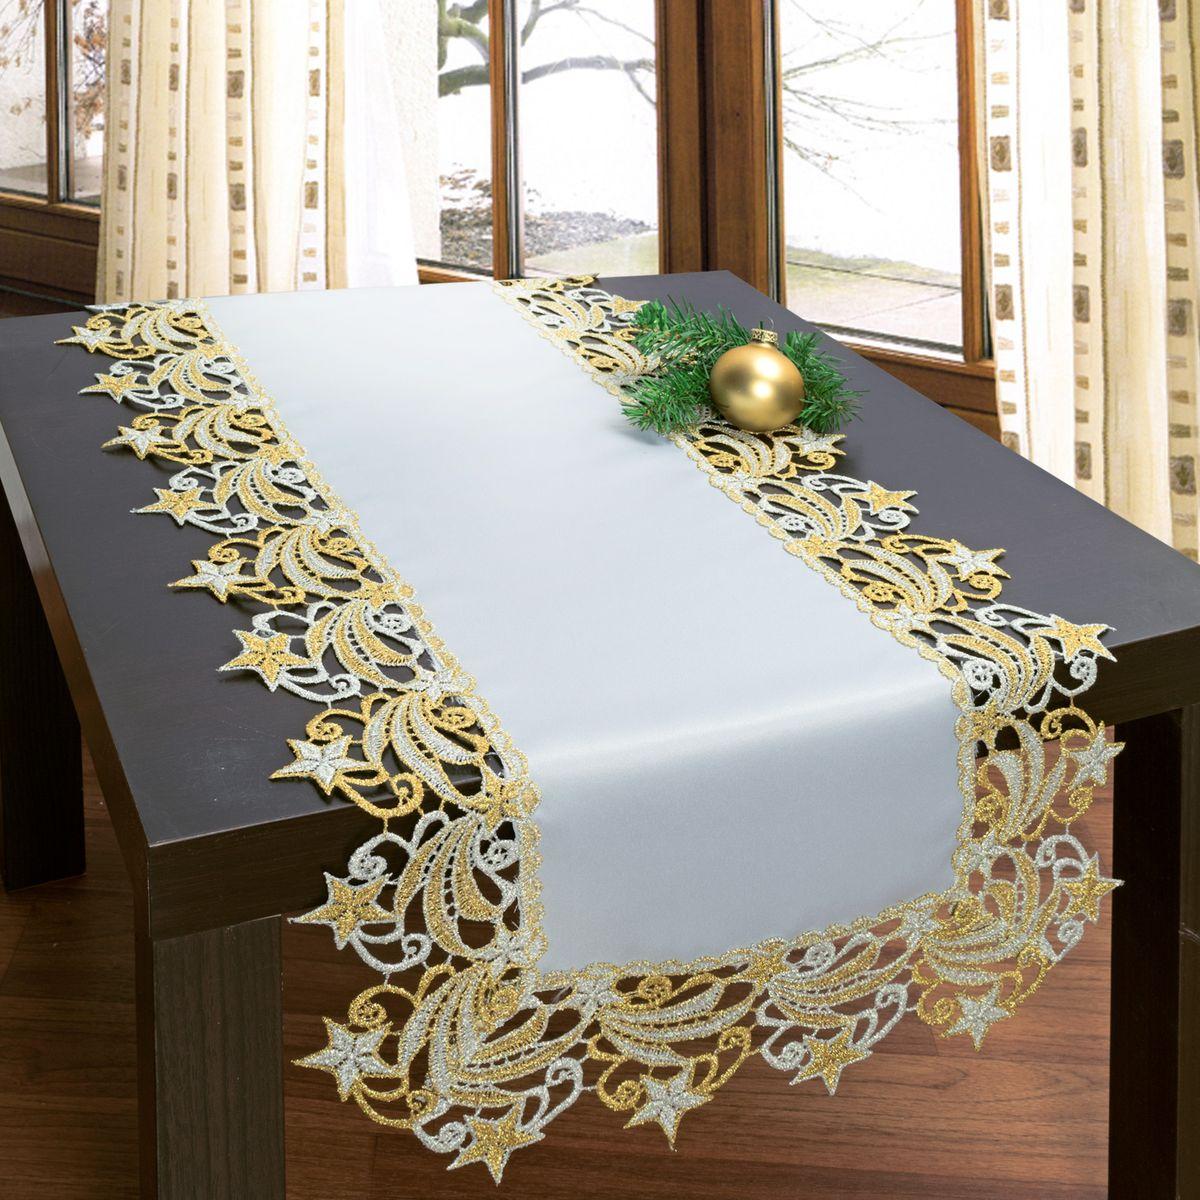 Дорожка для декорирования стола Schaefer, 40 х 100 см, цвет: белый, бежевый. 3076GC240/25Дорожка для декорирования стола Schaefer может быть использована, как основной элемент, так и дополнение для создания уюта и романтического настроения.Дорожка выполнена из полиэстера. Изделие легко стирать: оно не мнется, не садится и быстро сохнет, более долговечно, чем изделие из натуральных волокон.Материал: 100% полиэстер.Размер: 40 х 100 см.